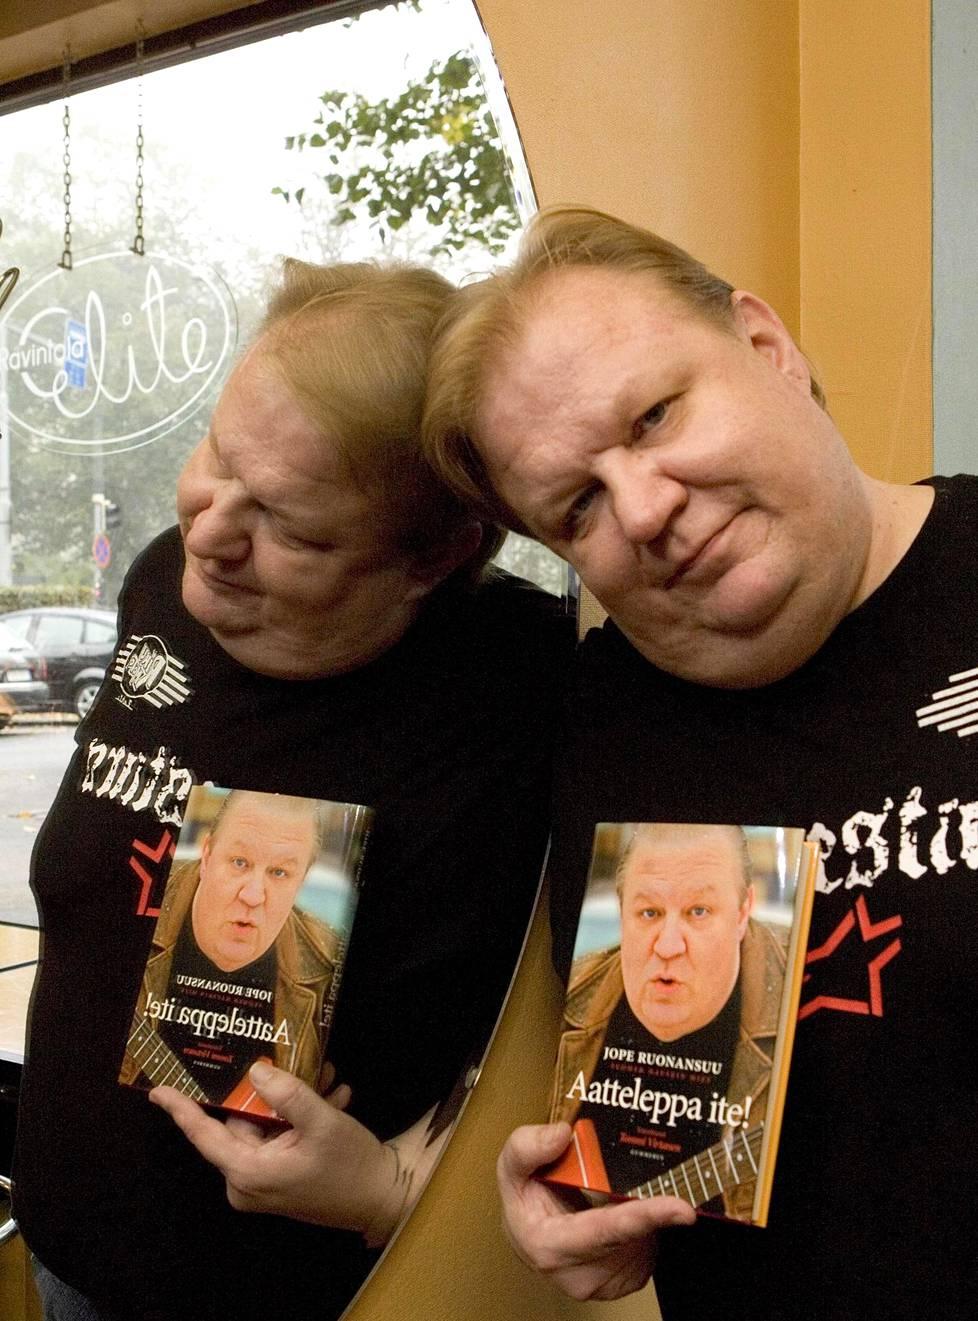 Ruonansuu poseeraa Aatteleppa ite -elämäkertansa julkaisutilaisuudessa ravintola Elitessä Helsingissä vuonna 2006. Elämänkerran toimitti Tommi Virtanen. Elämänkerran lisäksi Ruonansuusta julkaistiin neljä muutakin kirjaa. Niissä Ruonansuu kertoo tarinoita uransa varrelta.